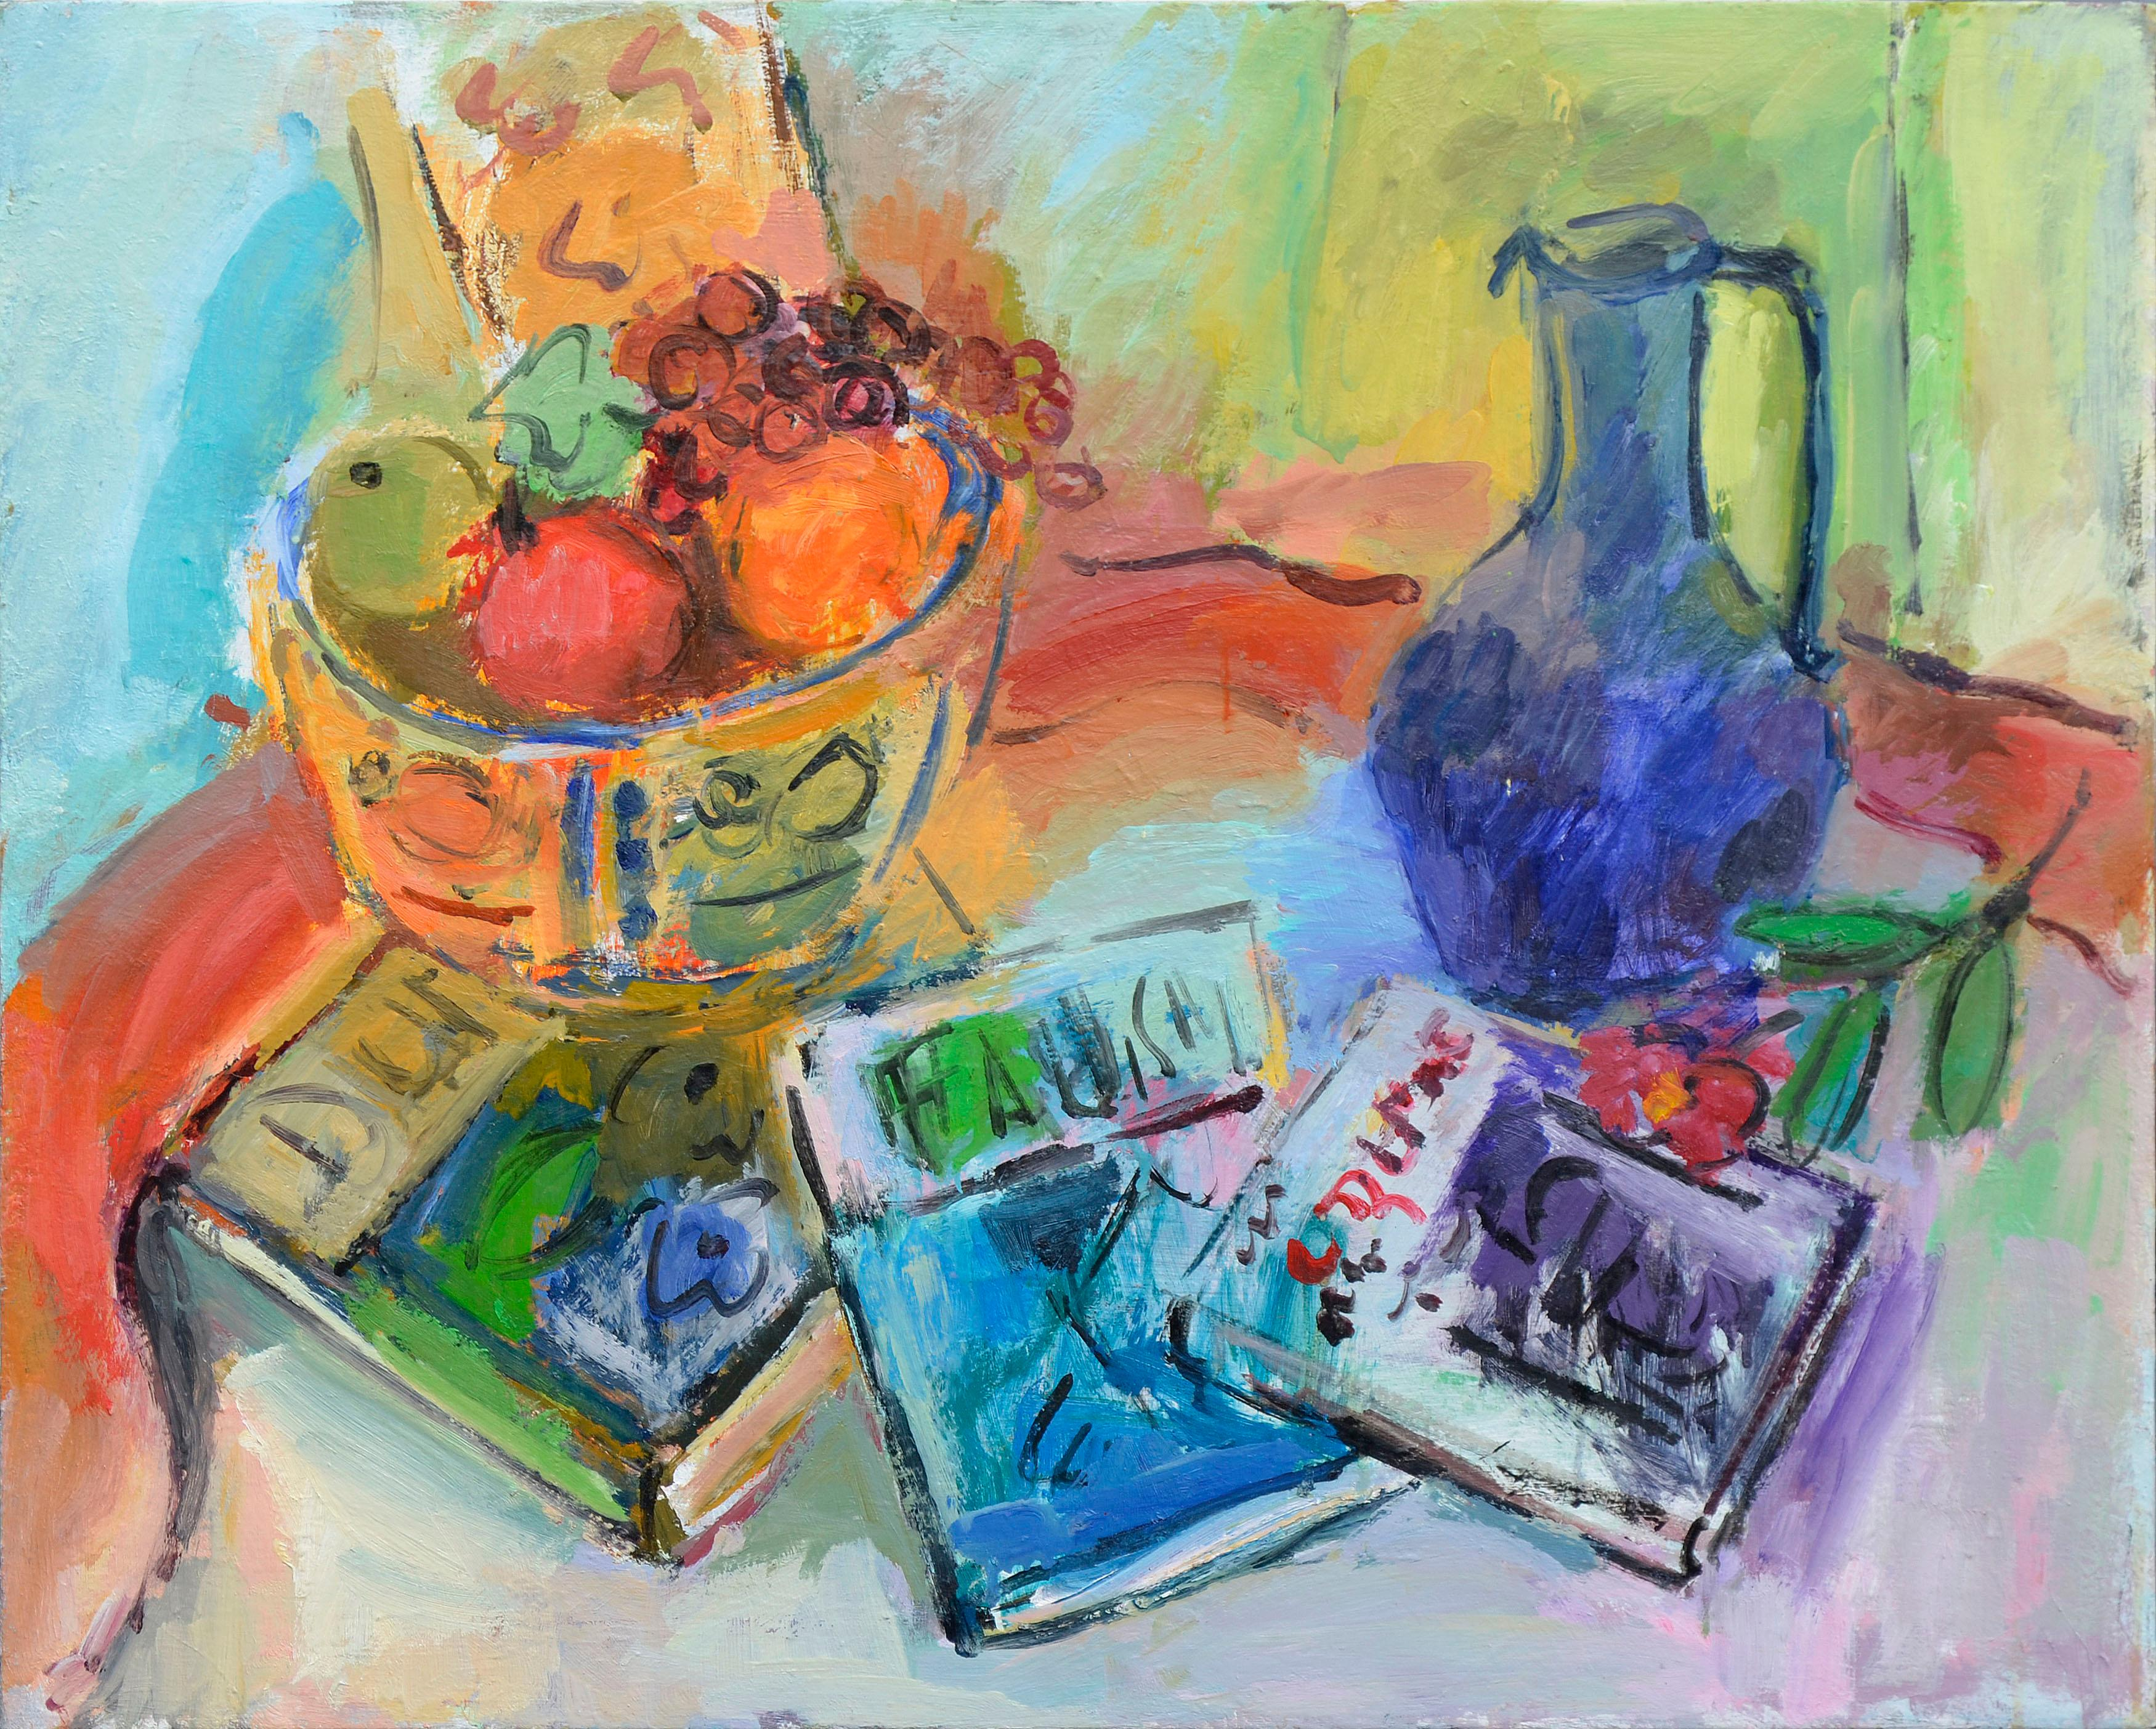 Colorful Fauvist Still Life